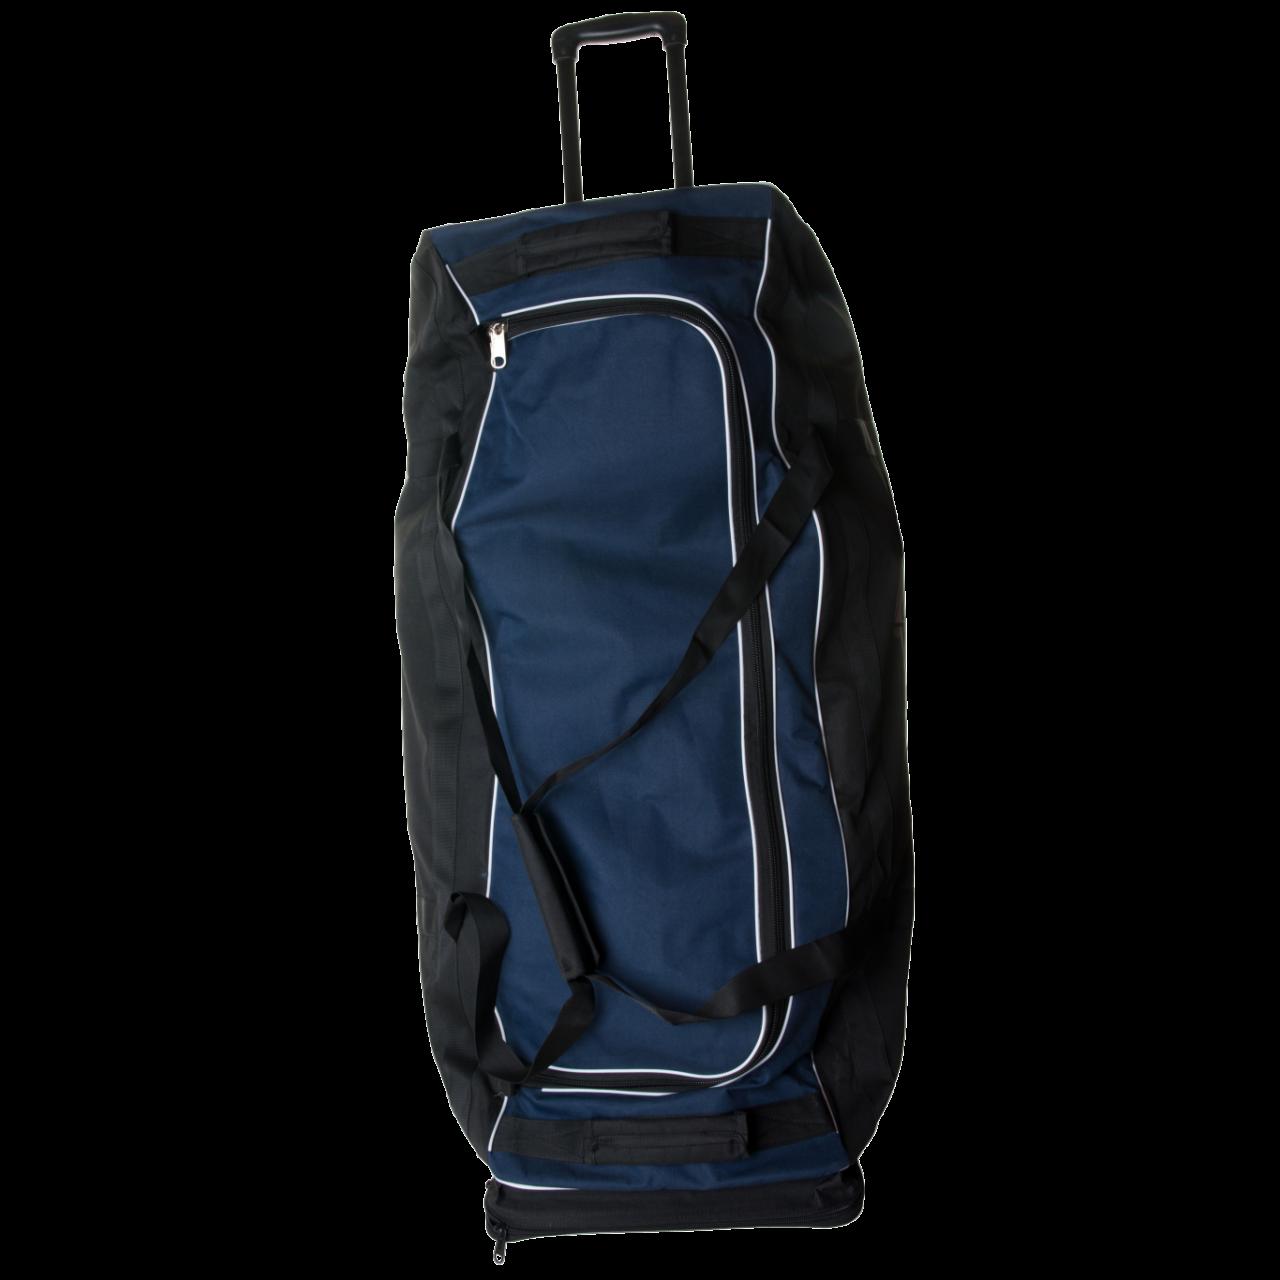 kit bag on wheels team football kit bag diamond football. Black Bedroom Furniture Sets. Home Design Ideas